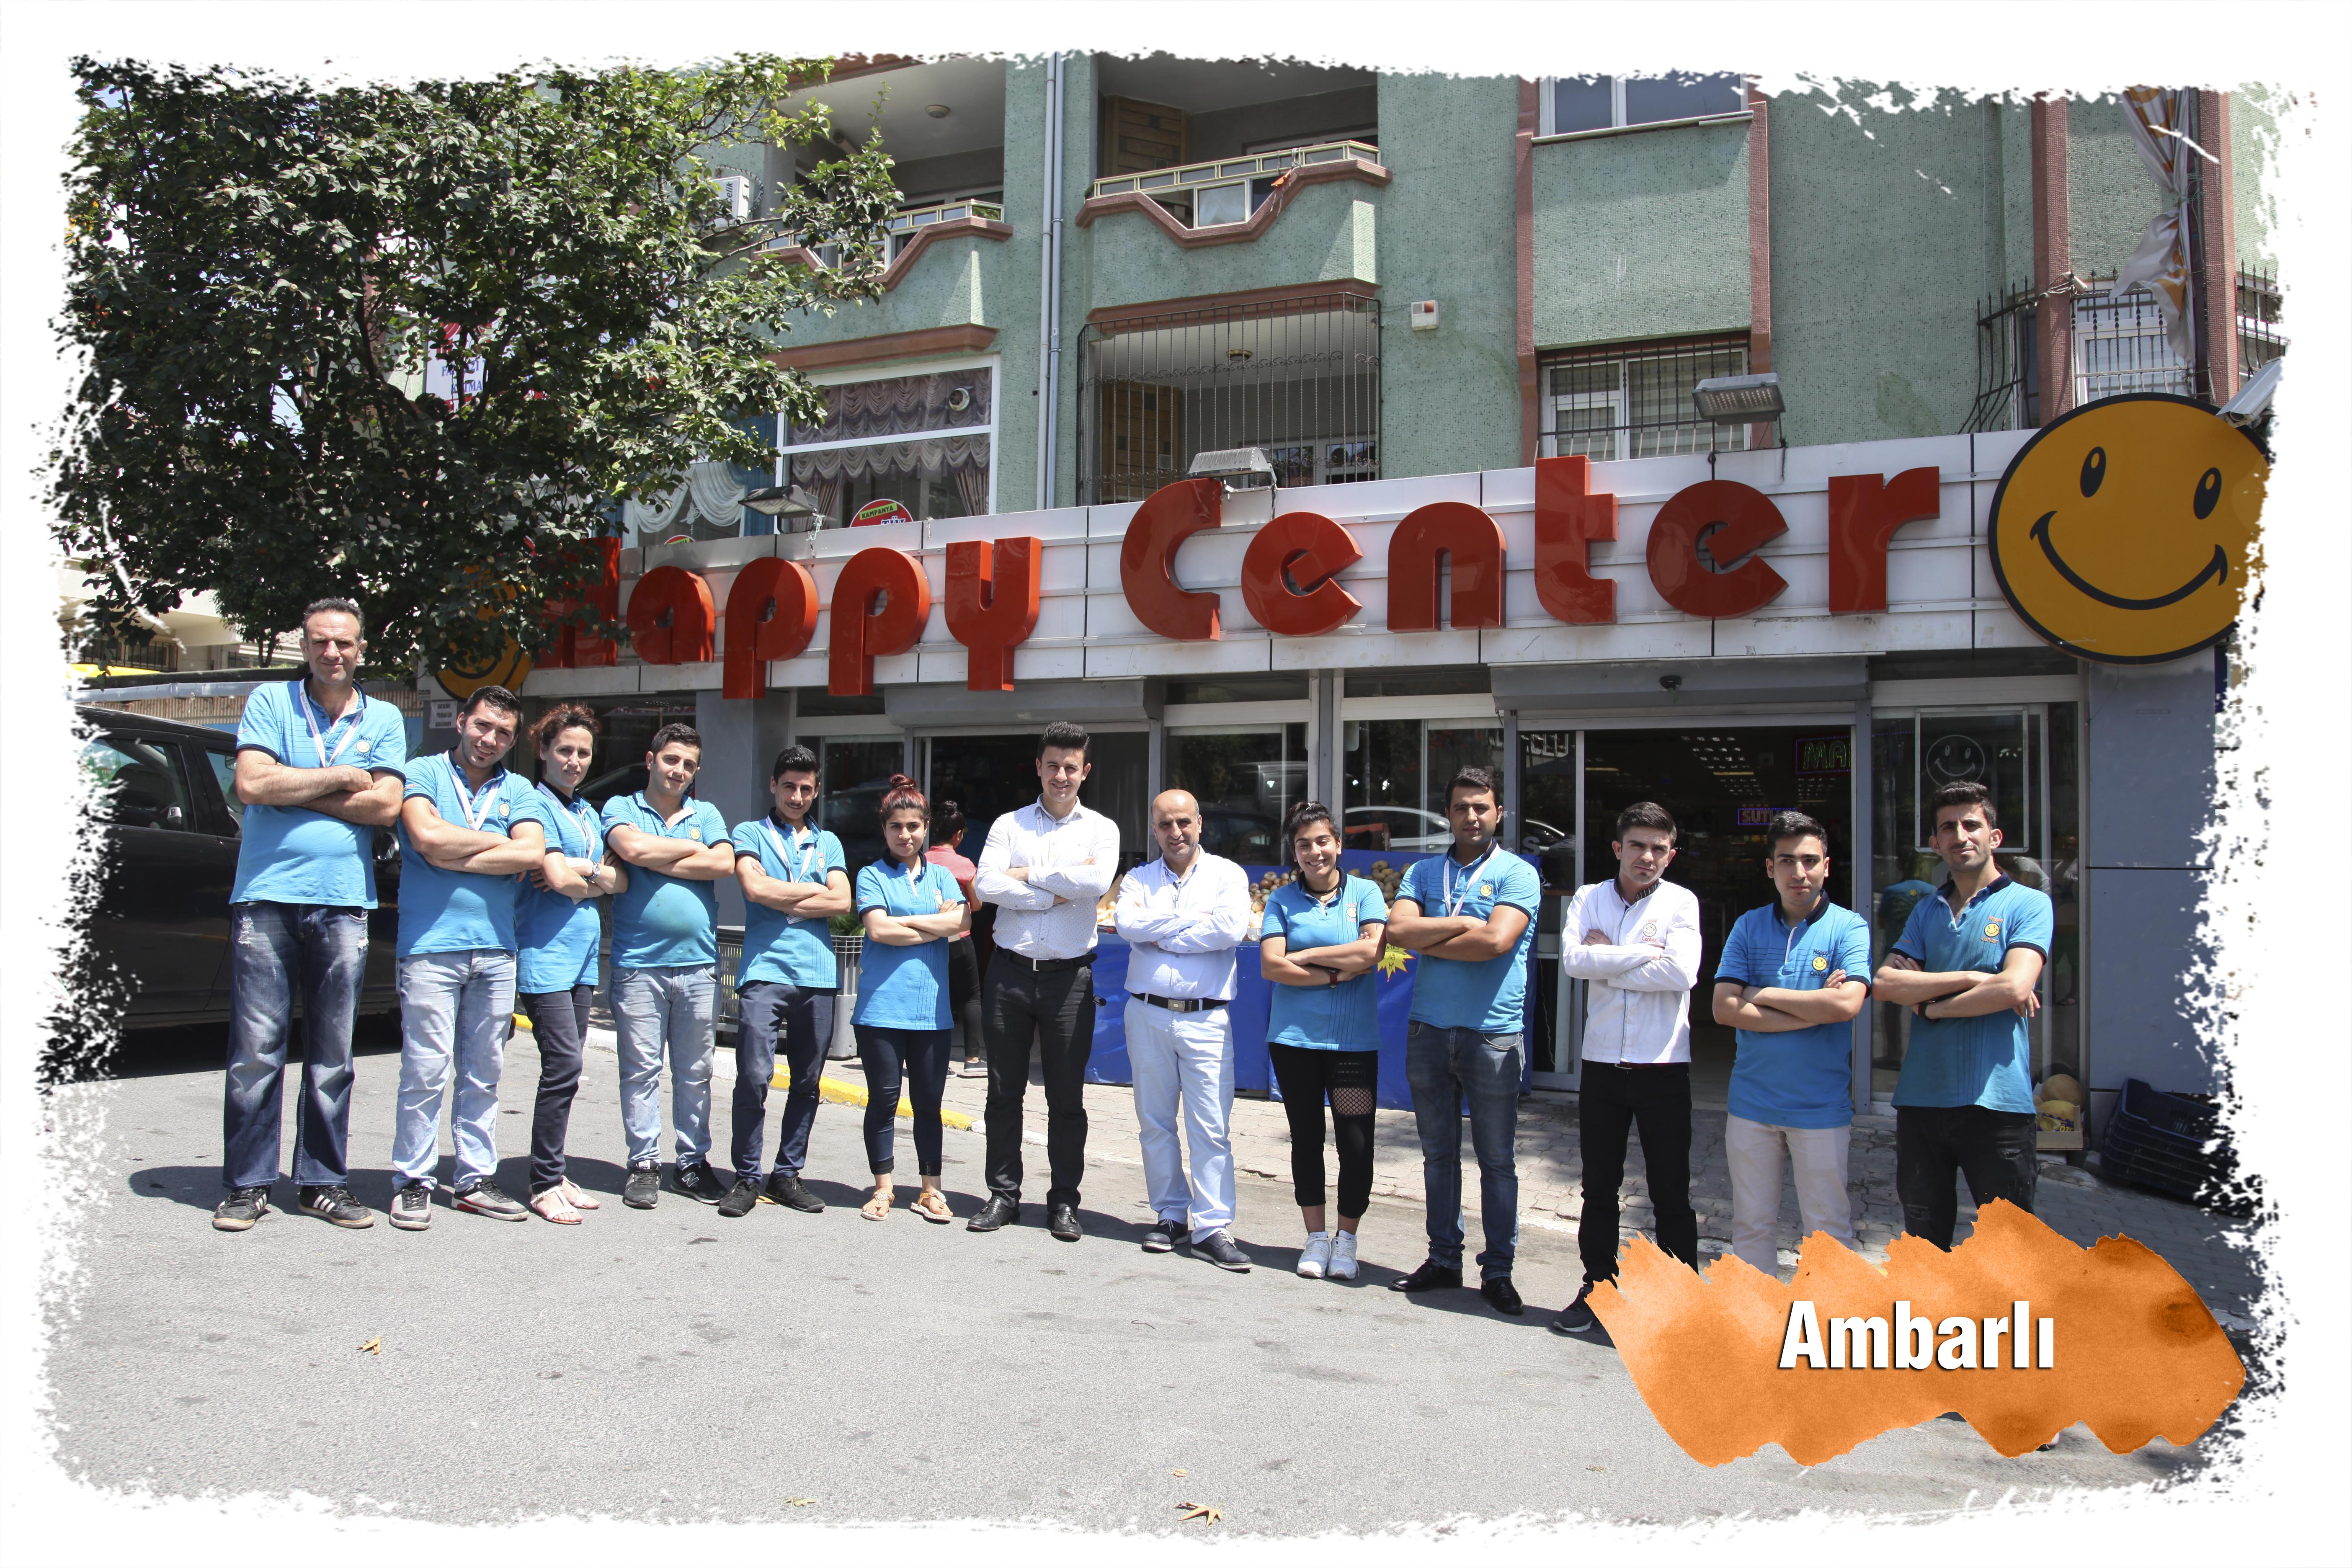 Ambarlı - 2